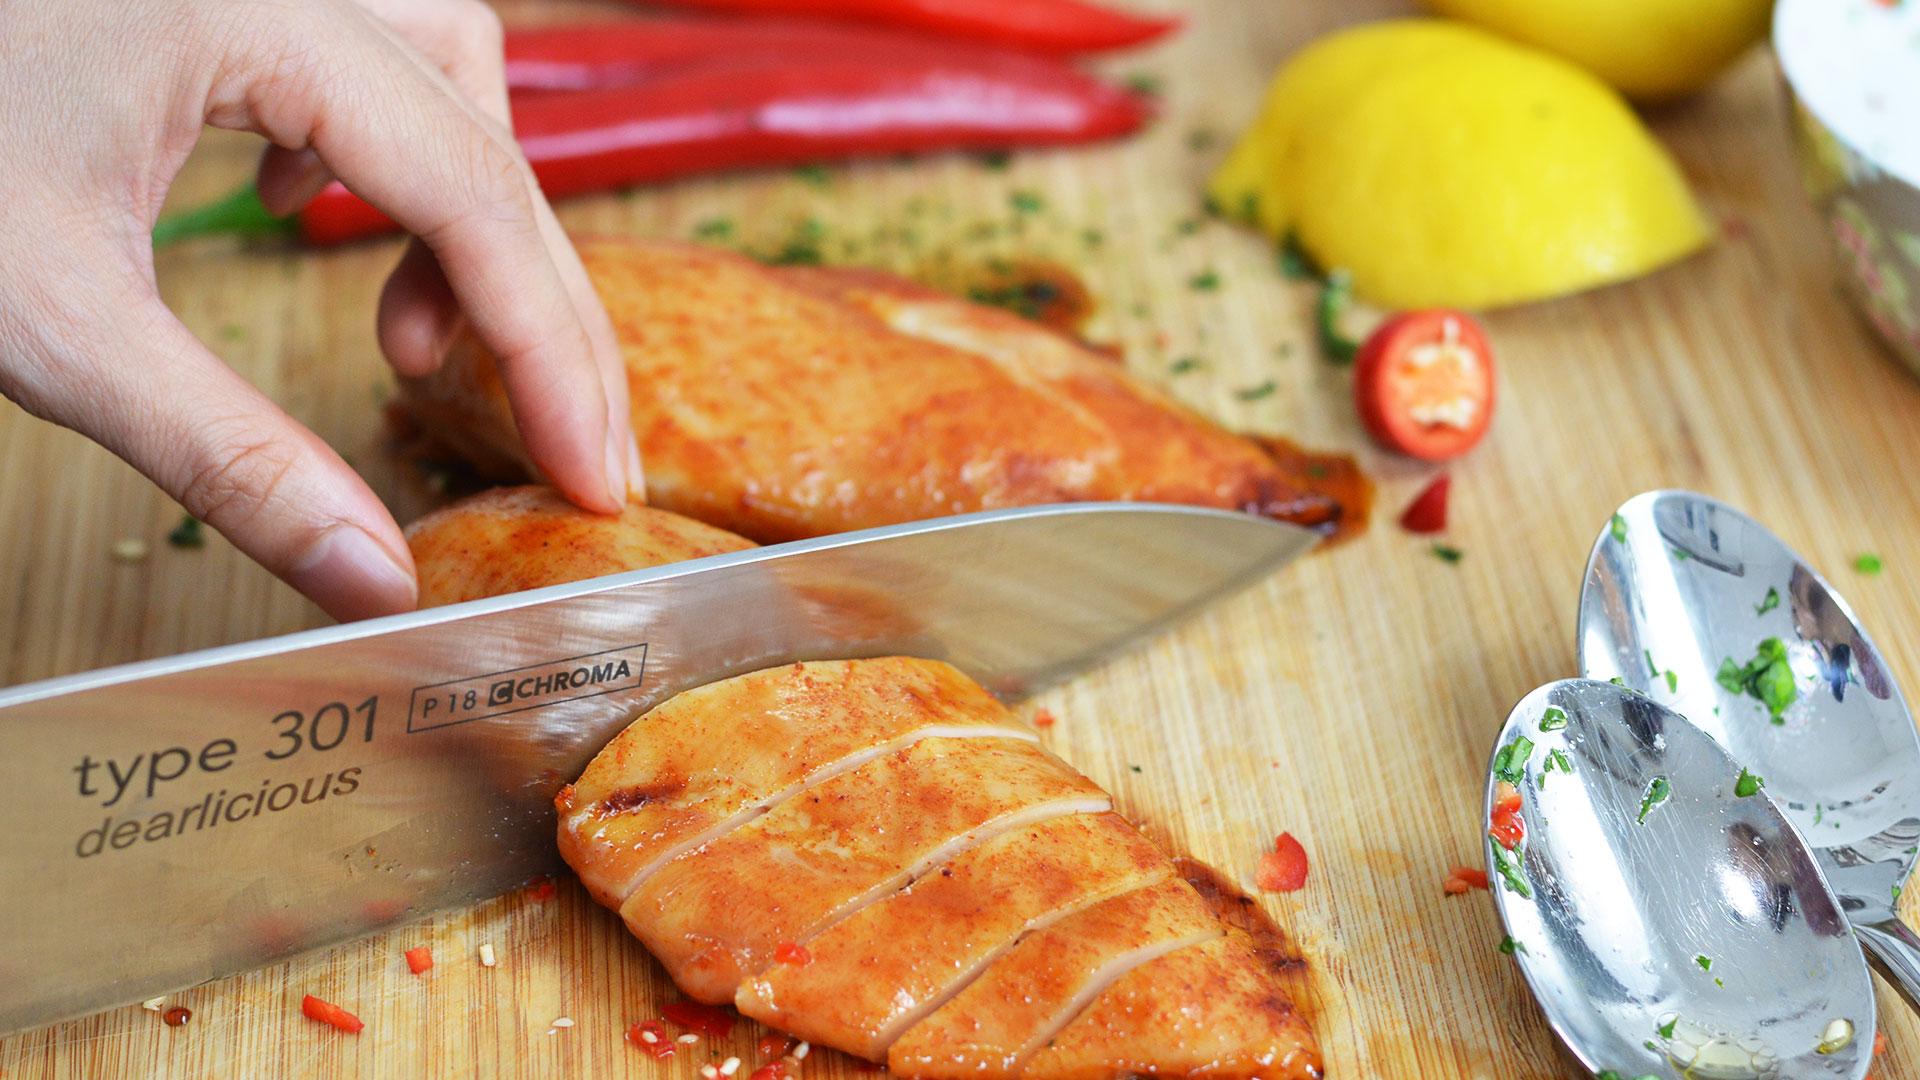 Rezept für Hähnchenbrust mit Honigglasur, Basilikum und Chili | www.dearlicious.com |Dear Nitjakan Bunbuamas